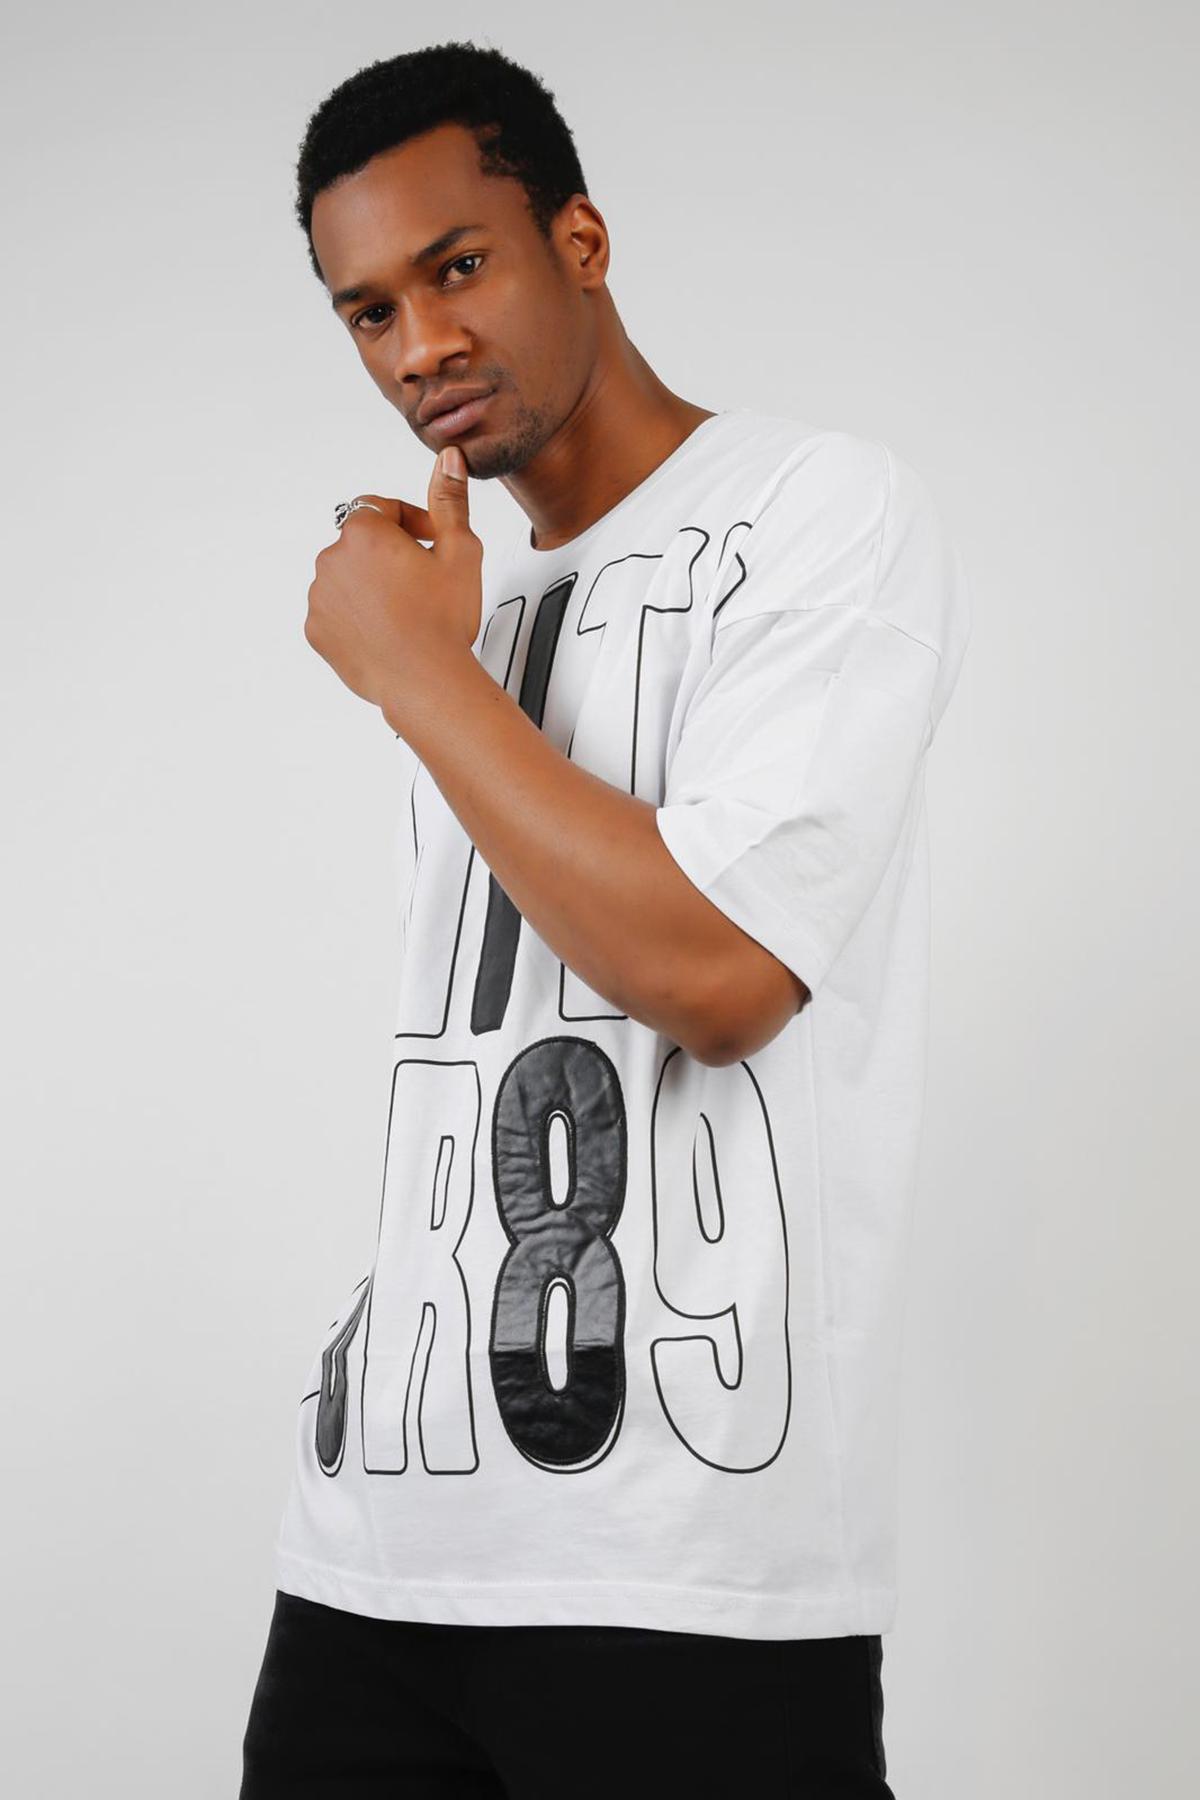 XHAN - Beyaz Baskılı Oversize T-Shirt 1KXE1-44679-52